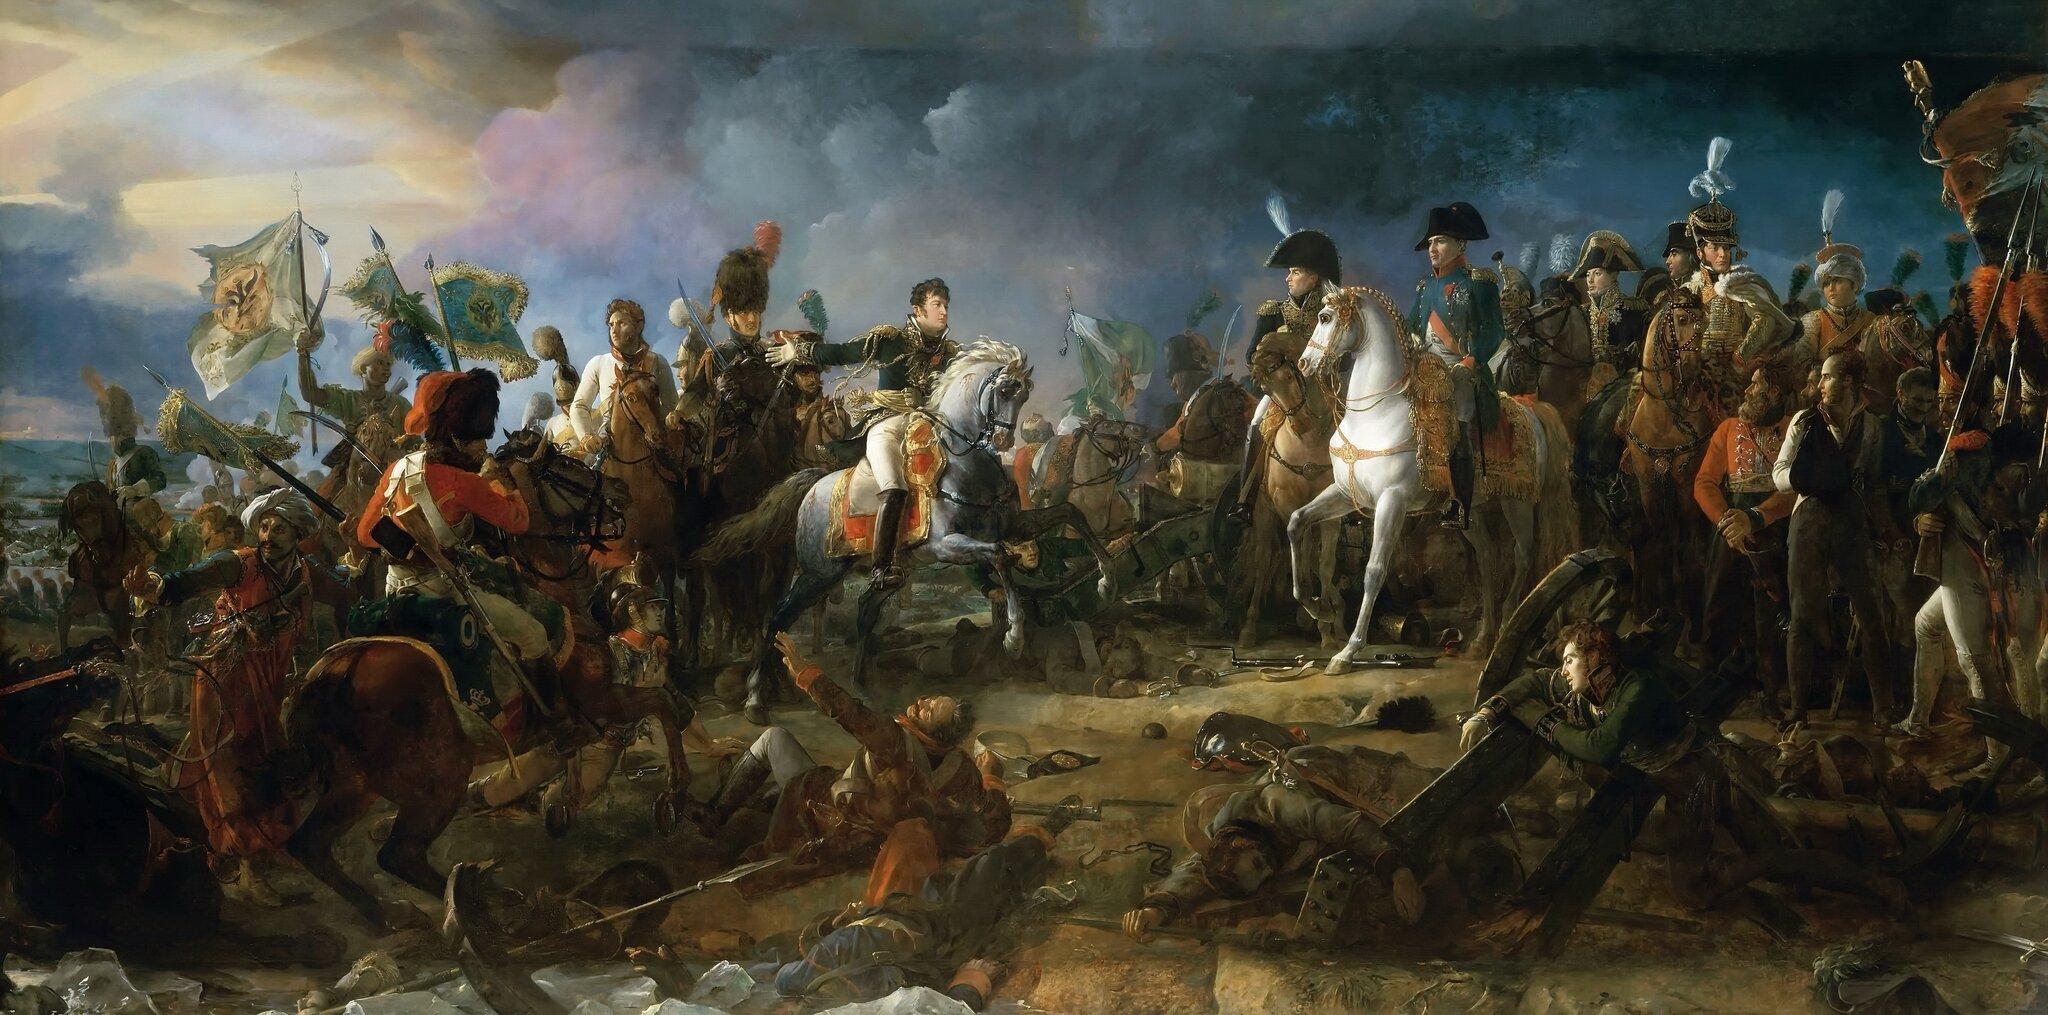 Bitwa pod Austerlitz Źródło: François Gérard, Bitwa pod Austerlitz, 1810, pałac wWersalu, domena publiczna.